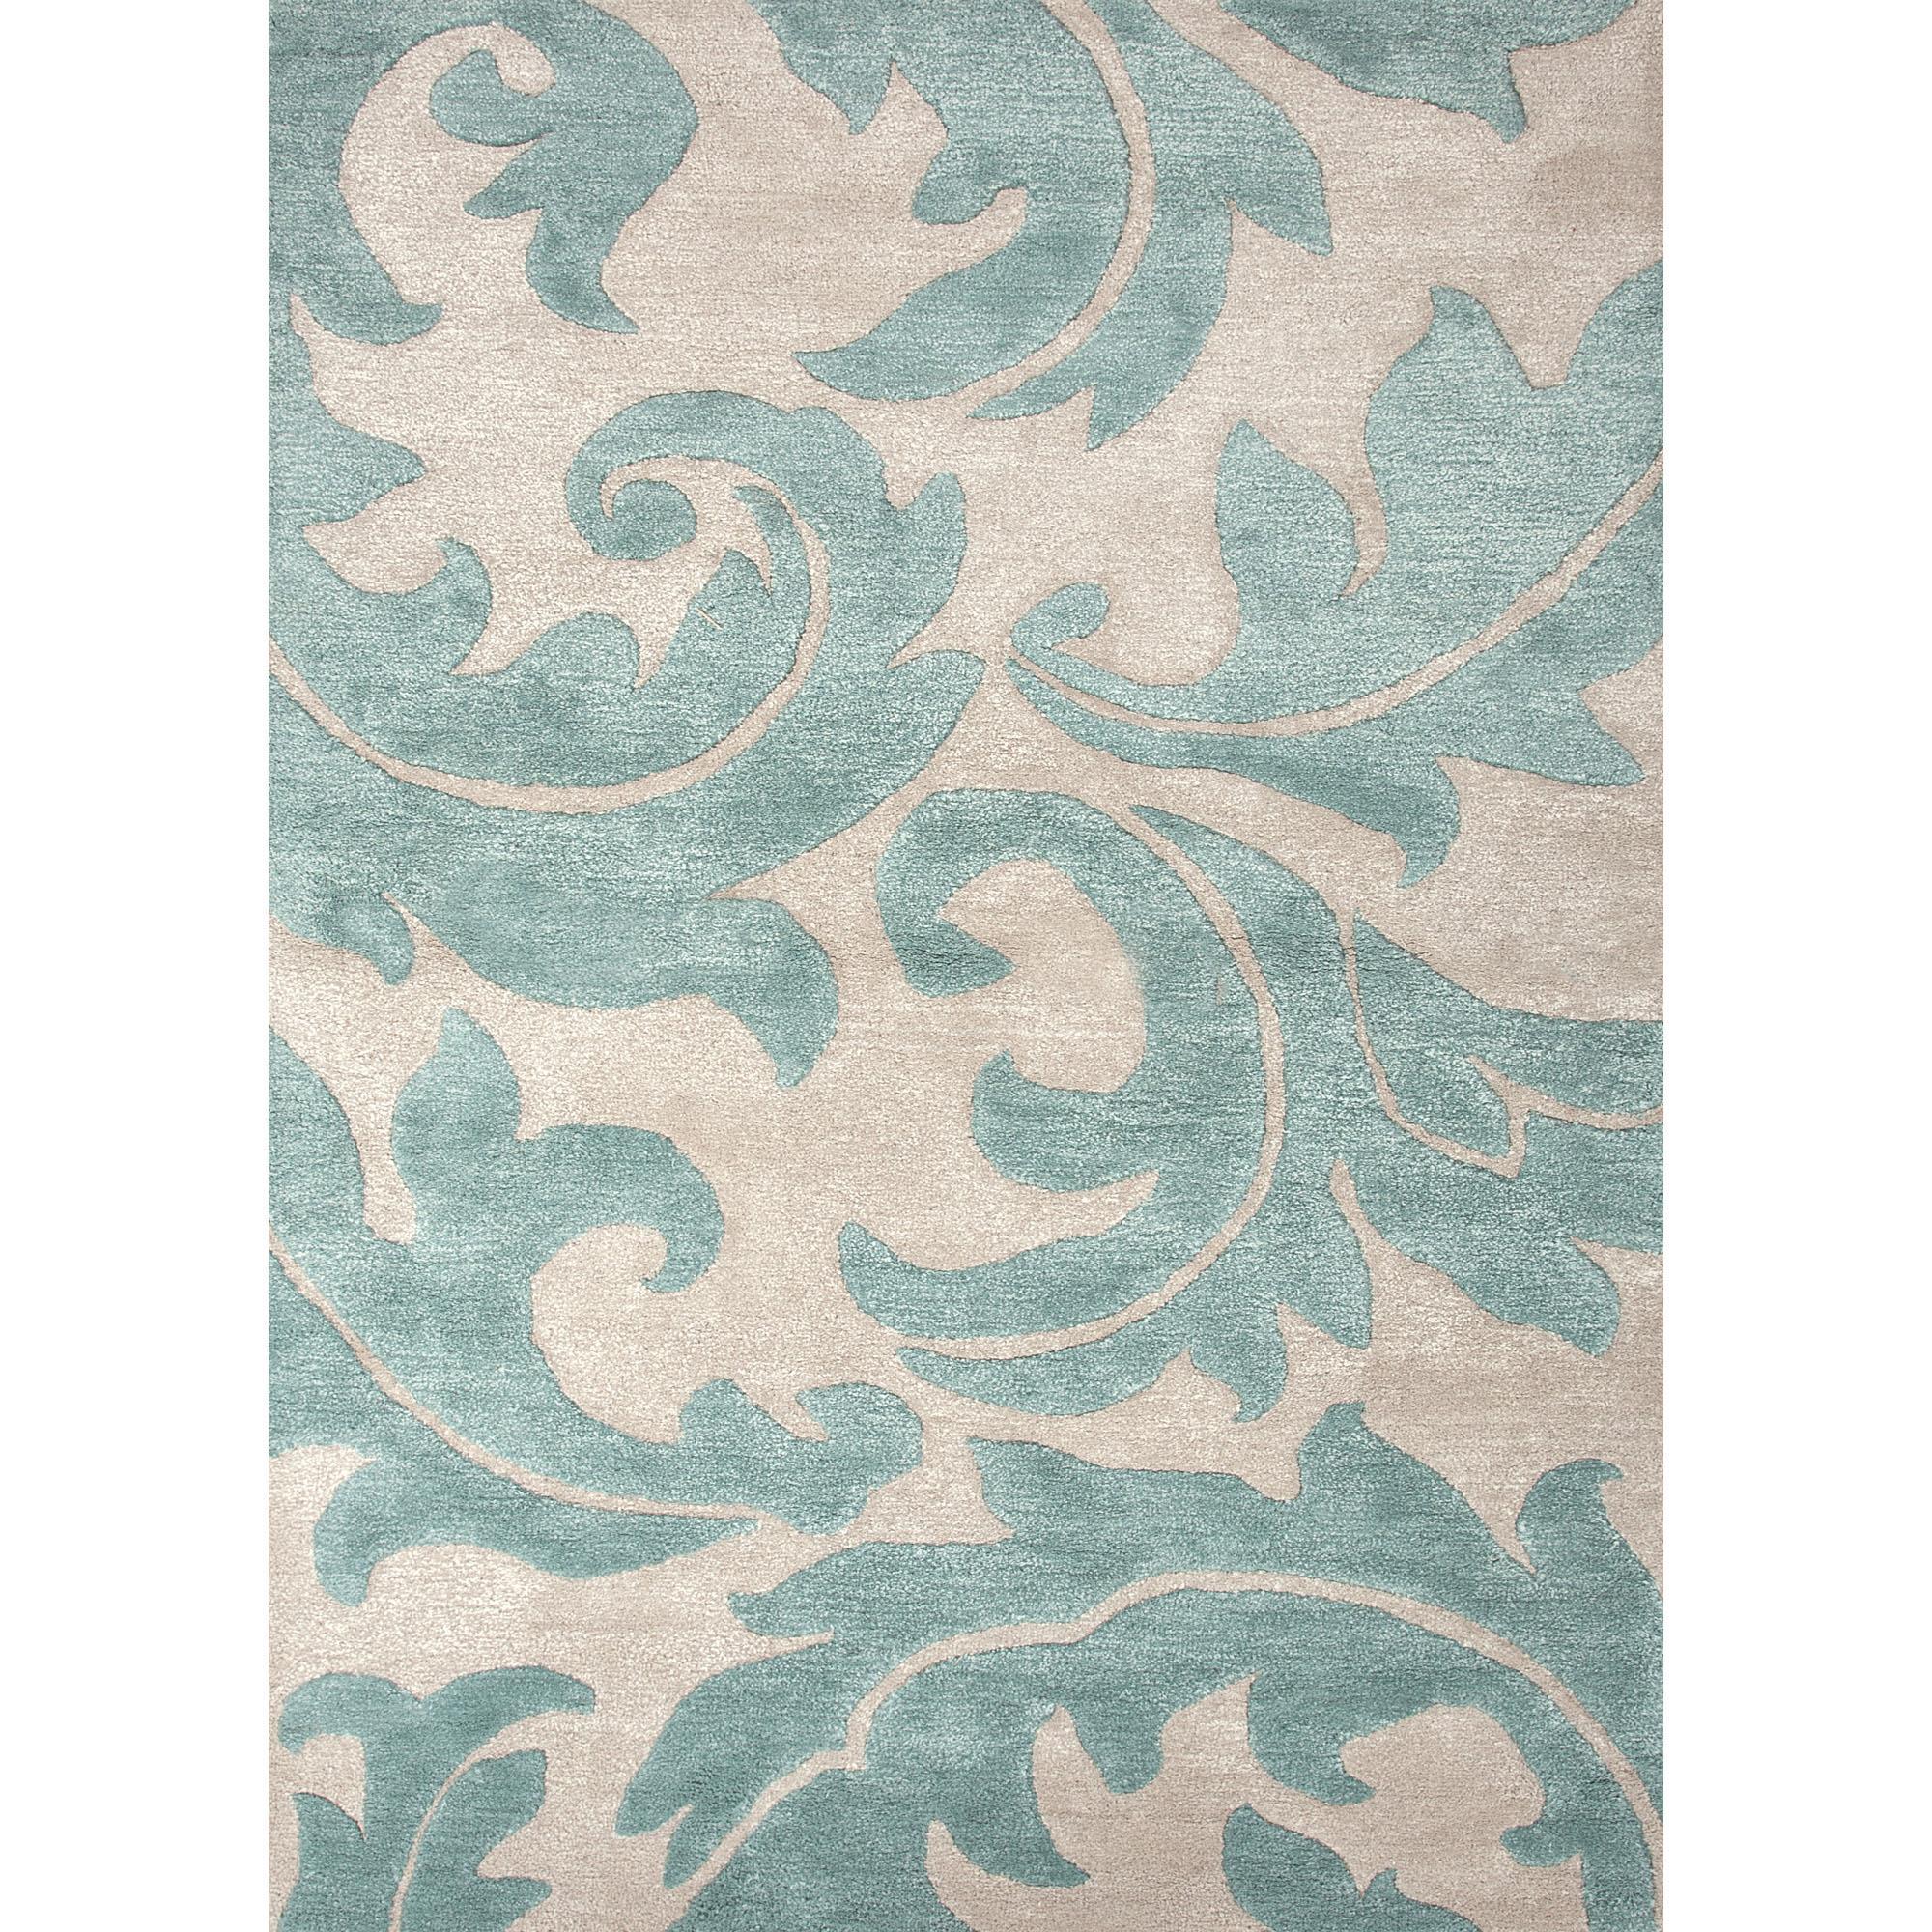 JAIPUR Rugs Blue 9 x 12 Rug - Item Number: RUG113453